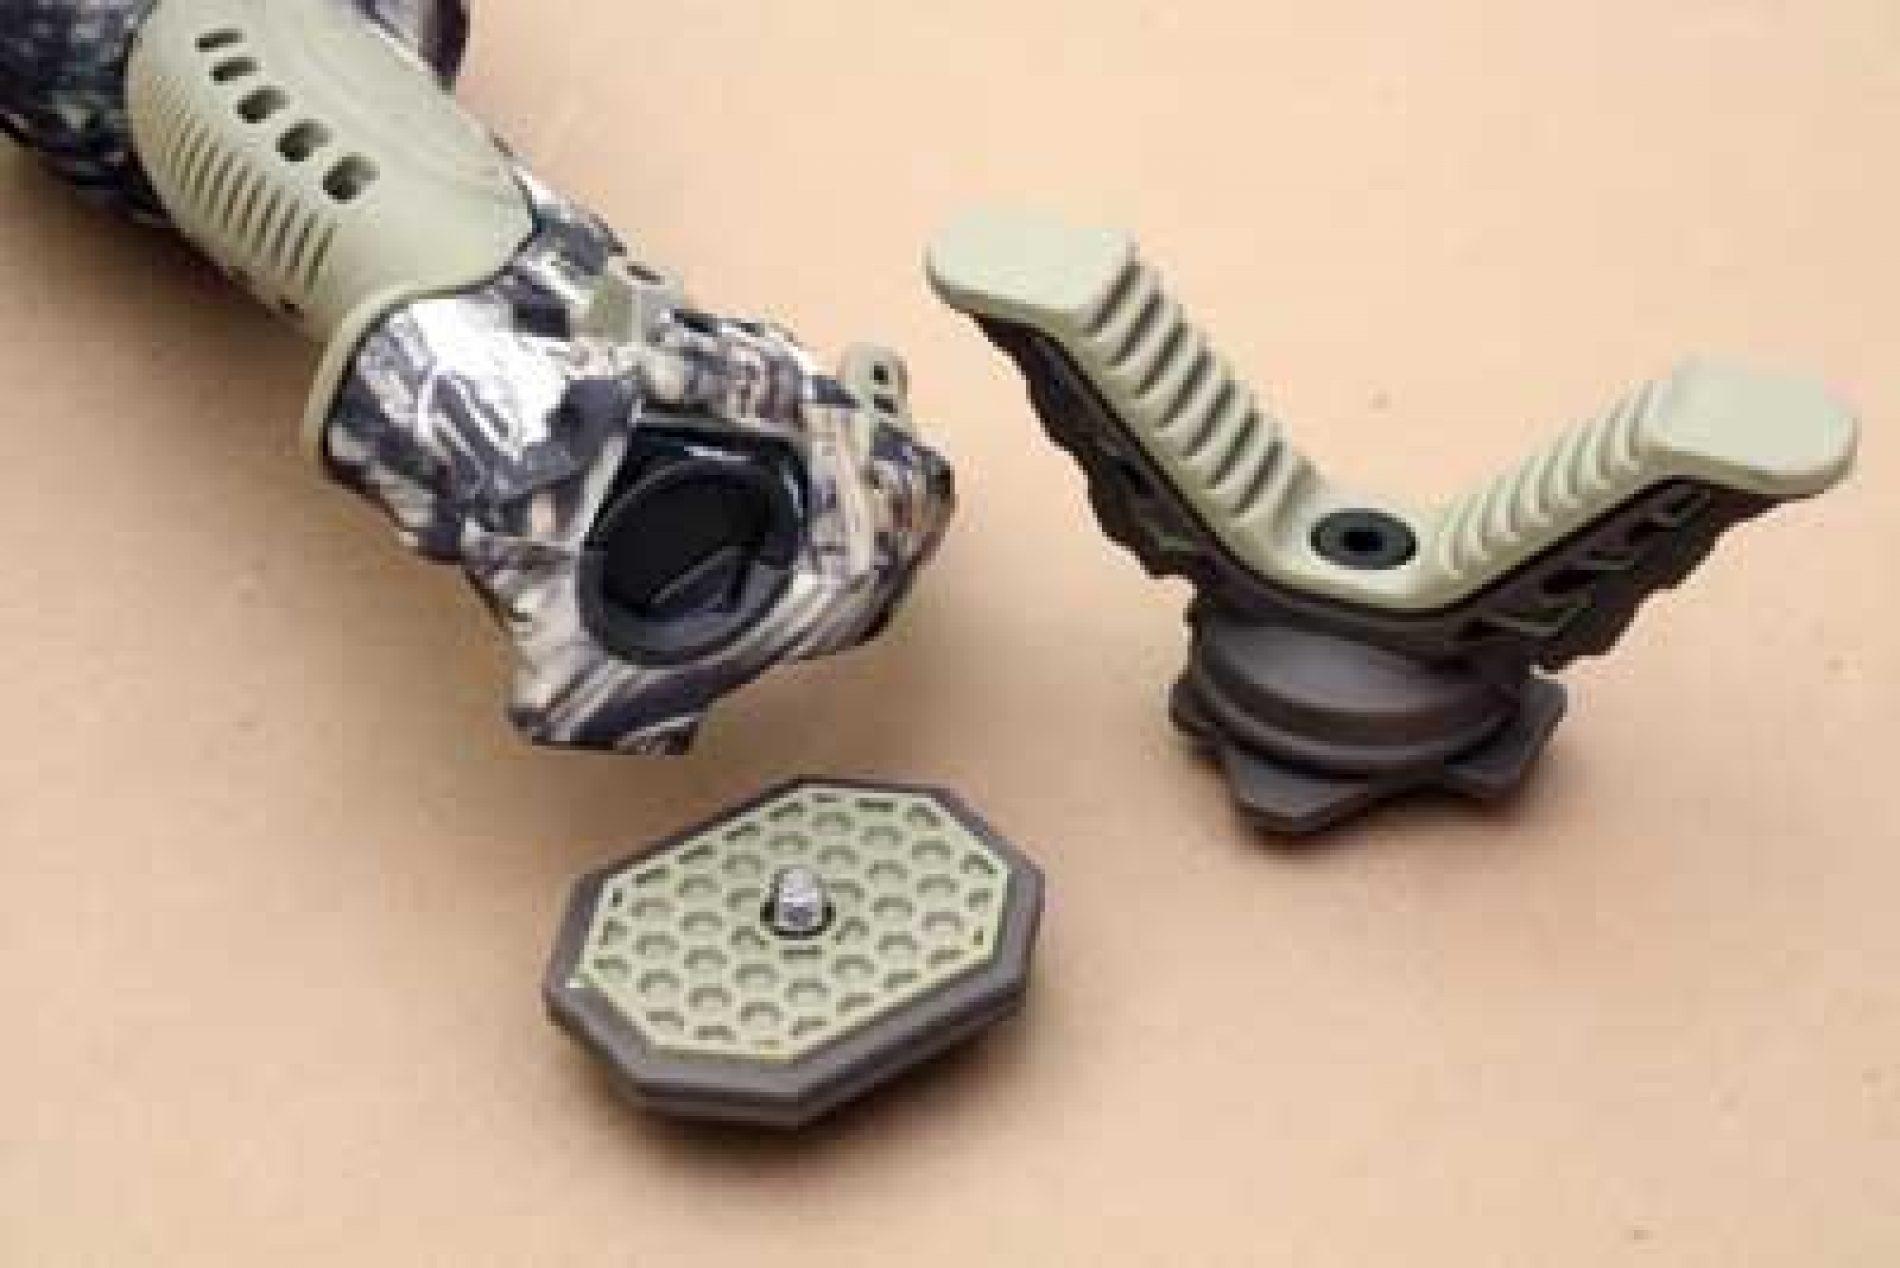 Trípode Primos Trigger Stick Gen 3, para cazar en rececho y montería